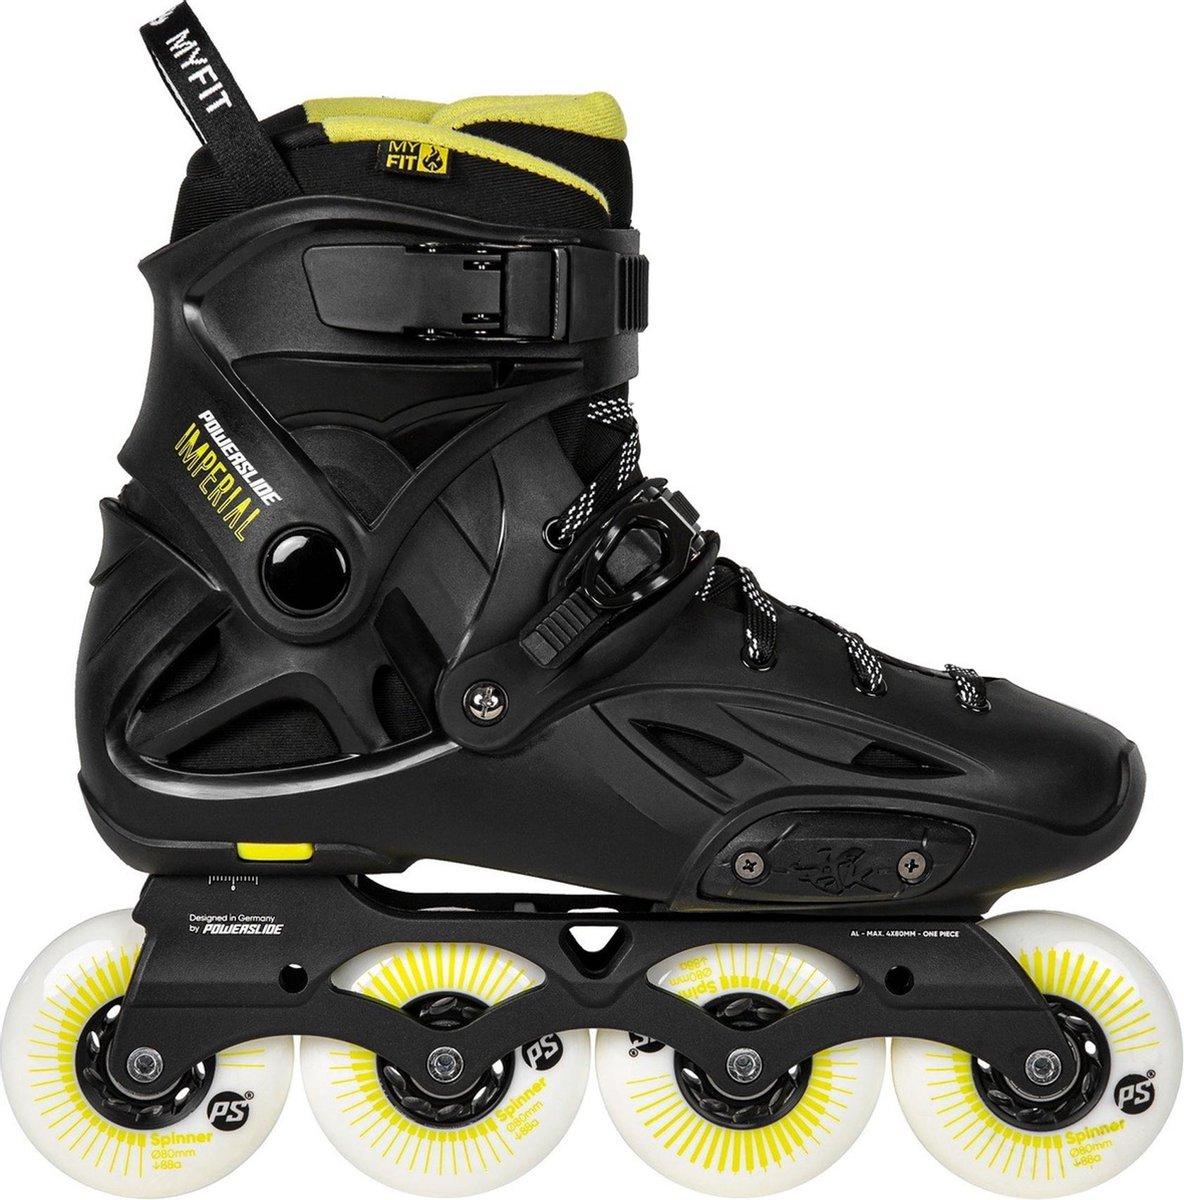 Powerslide Urban Imperial Skates Inlineskates - Maat 41/42 - Unisex - zwart/geel